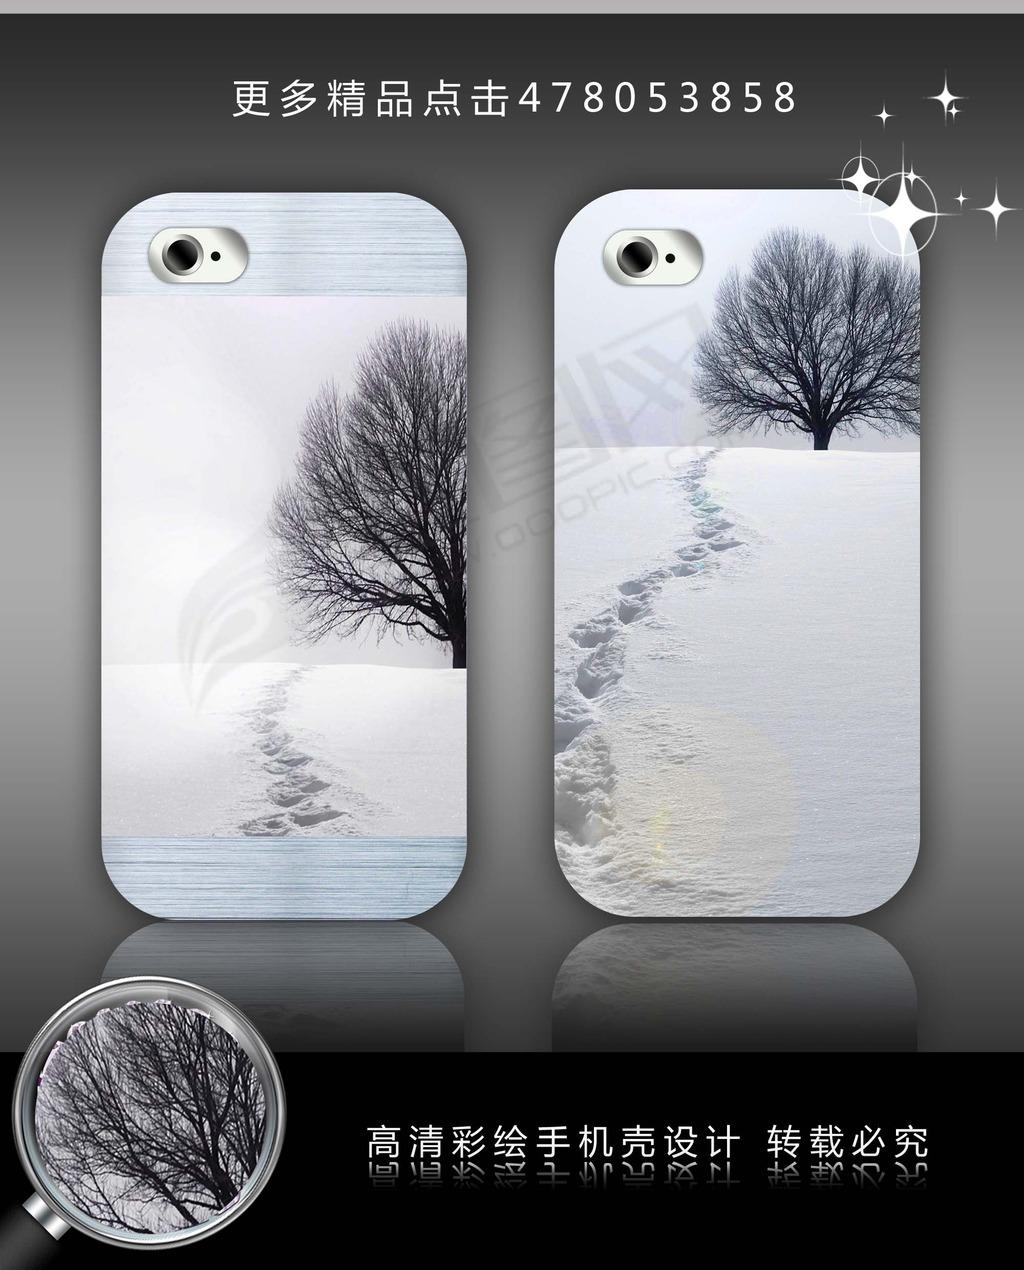 高清彩绘手机壳图案设计